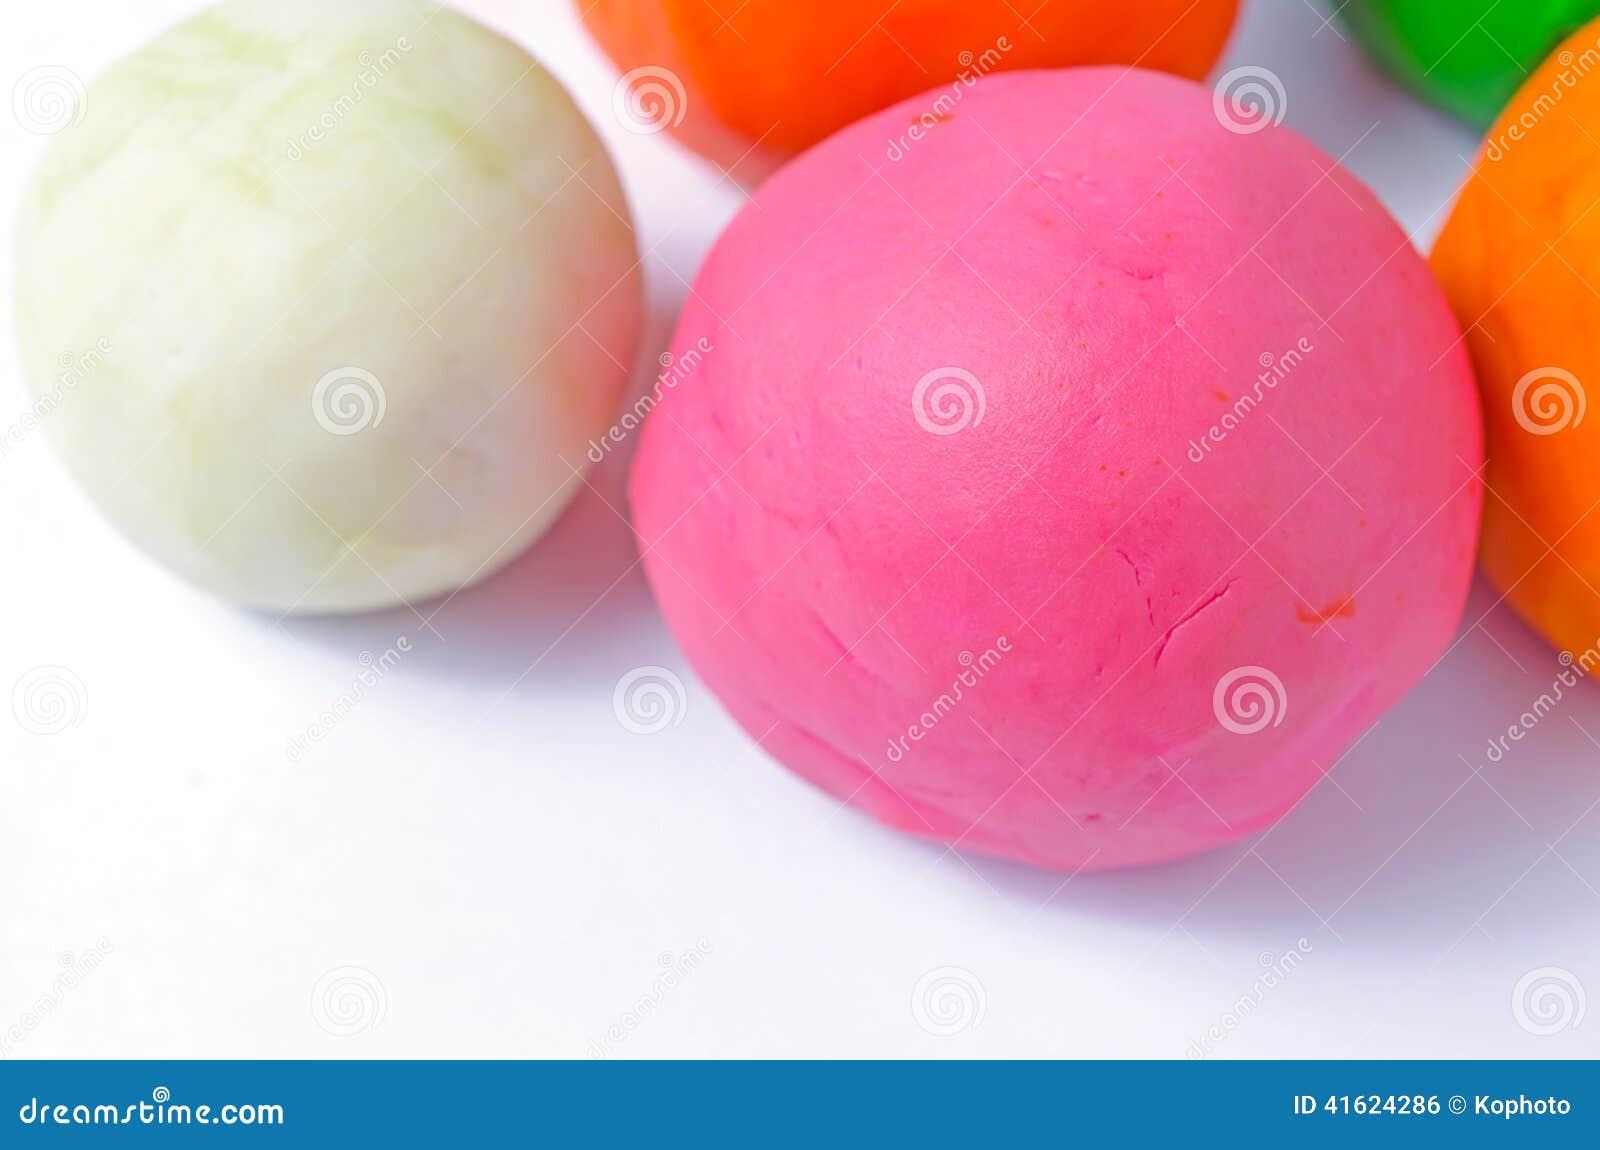 Playdough-Bälle auf Weiß